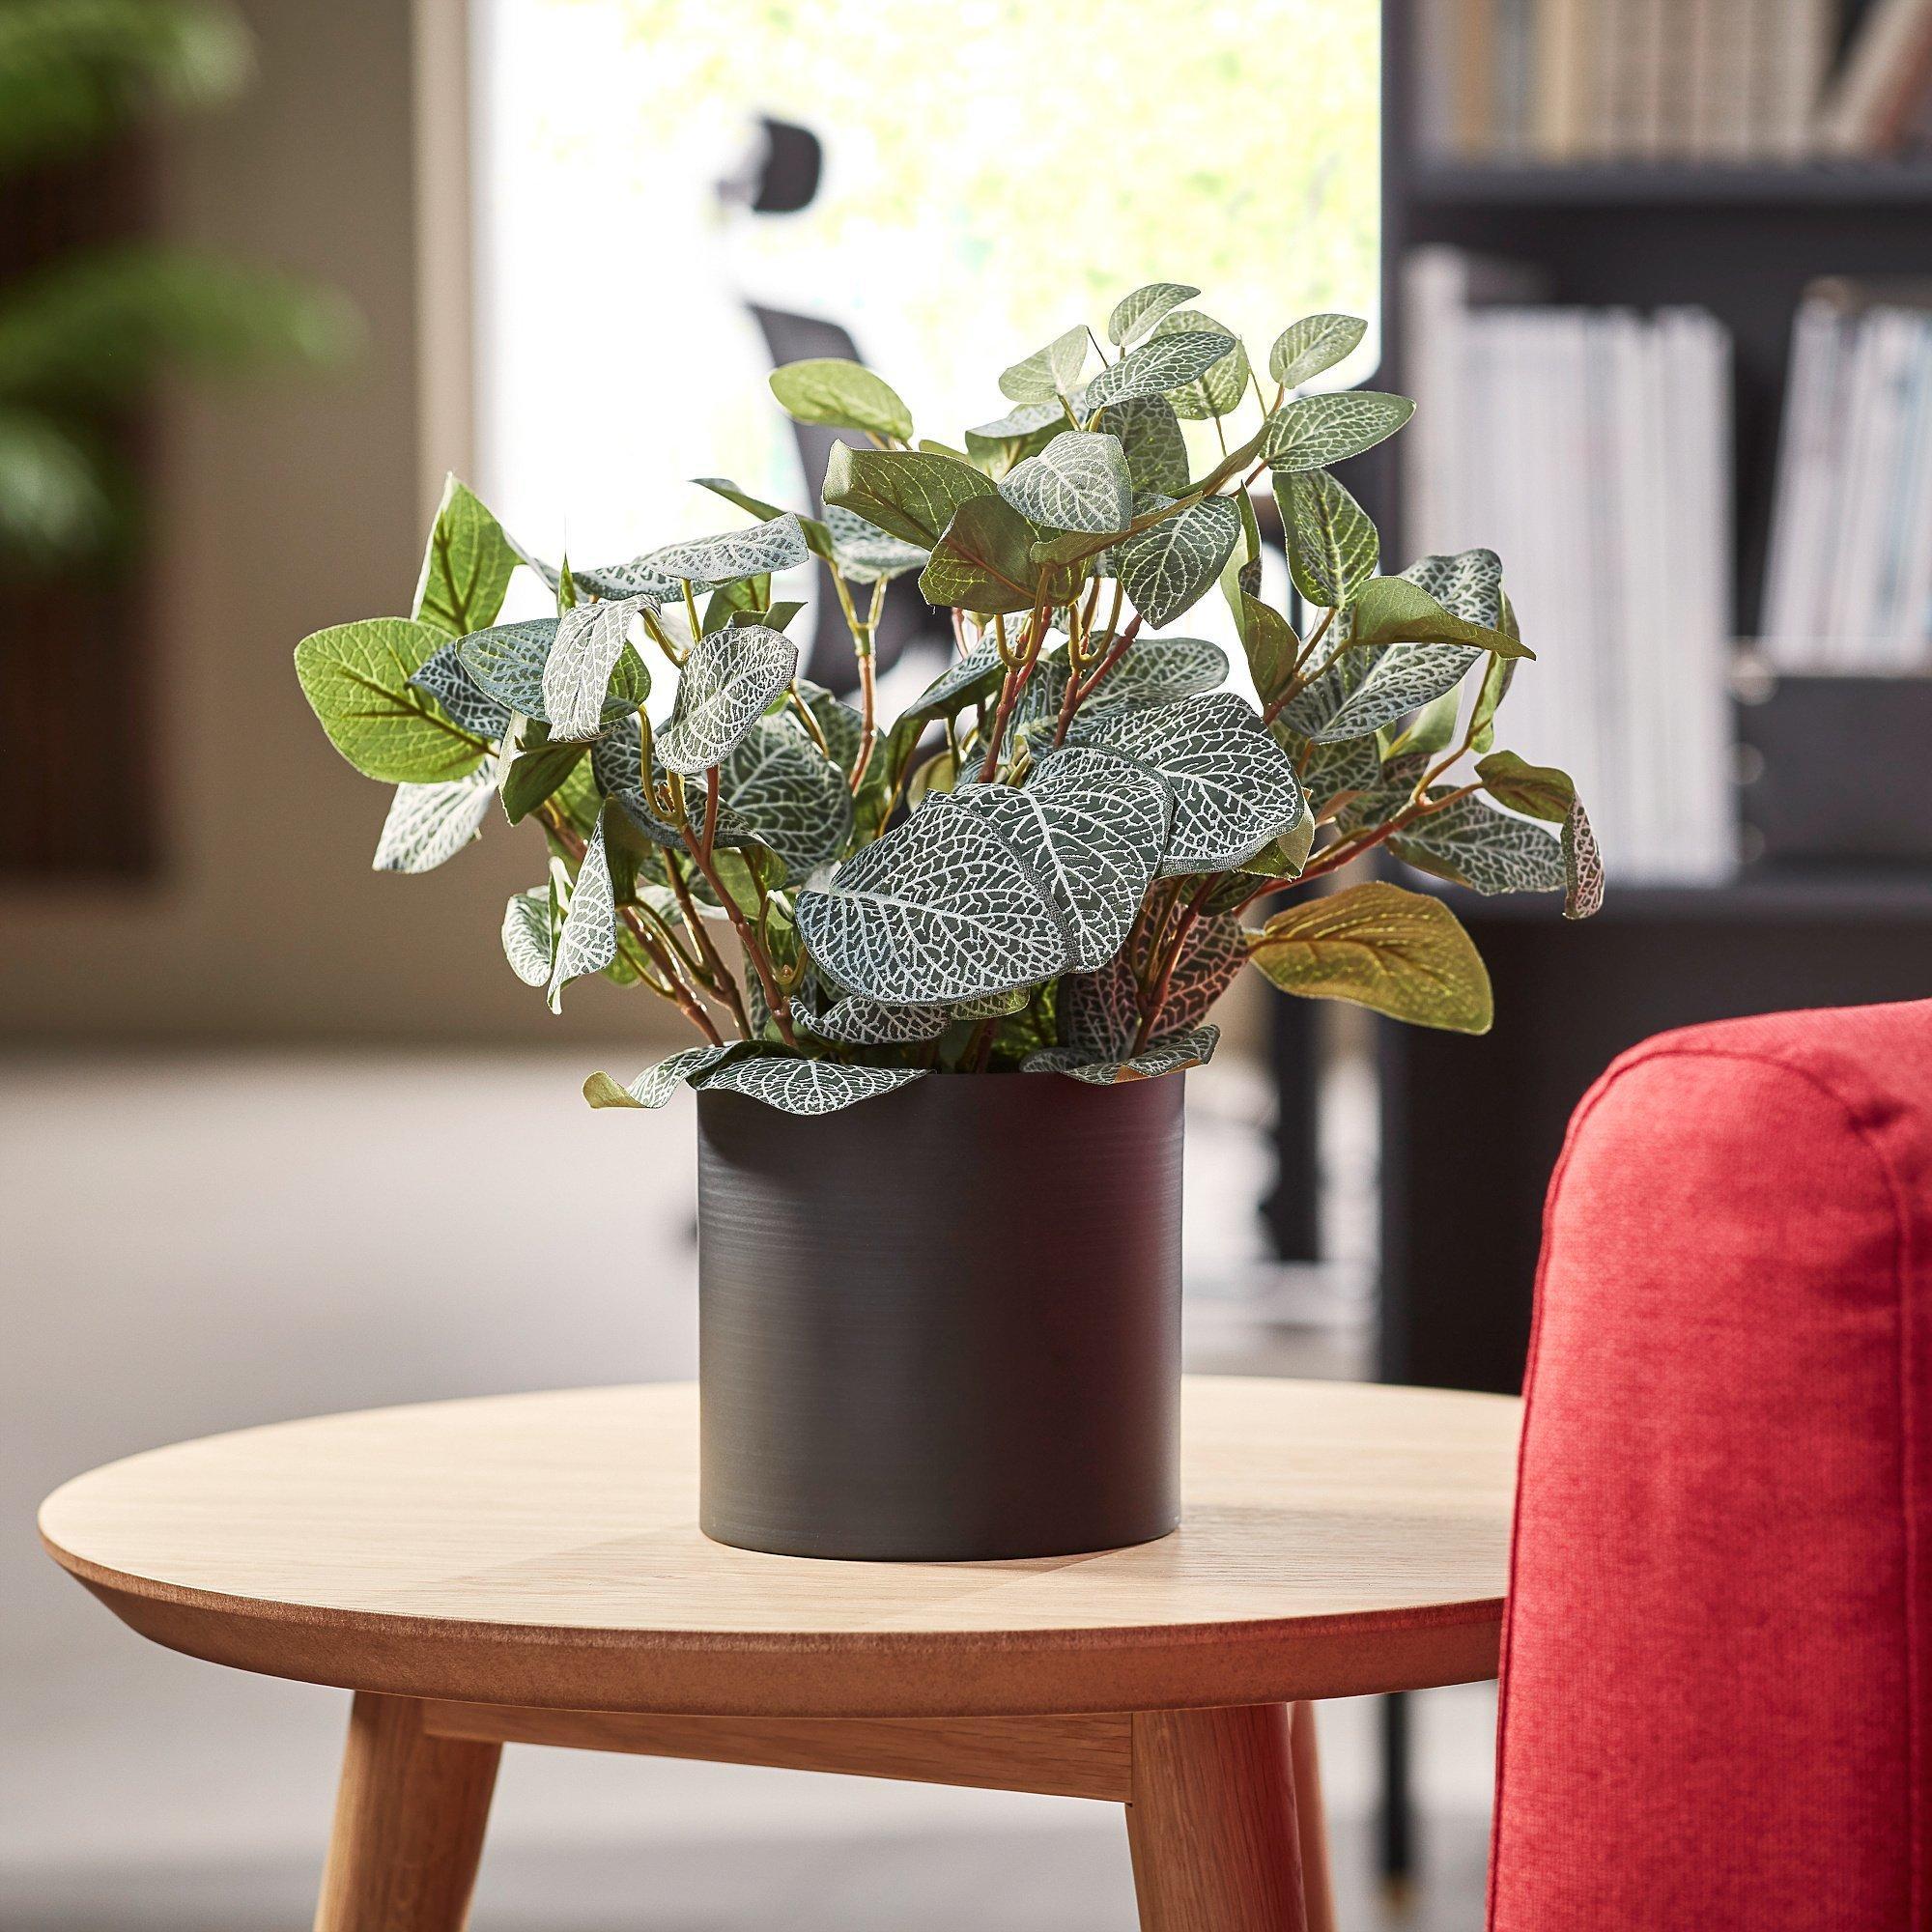 Umelá rastlina: Fitónia, 340 mm, čierny oceľový kvetináč